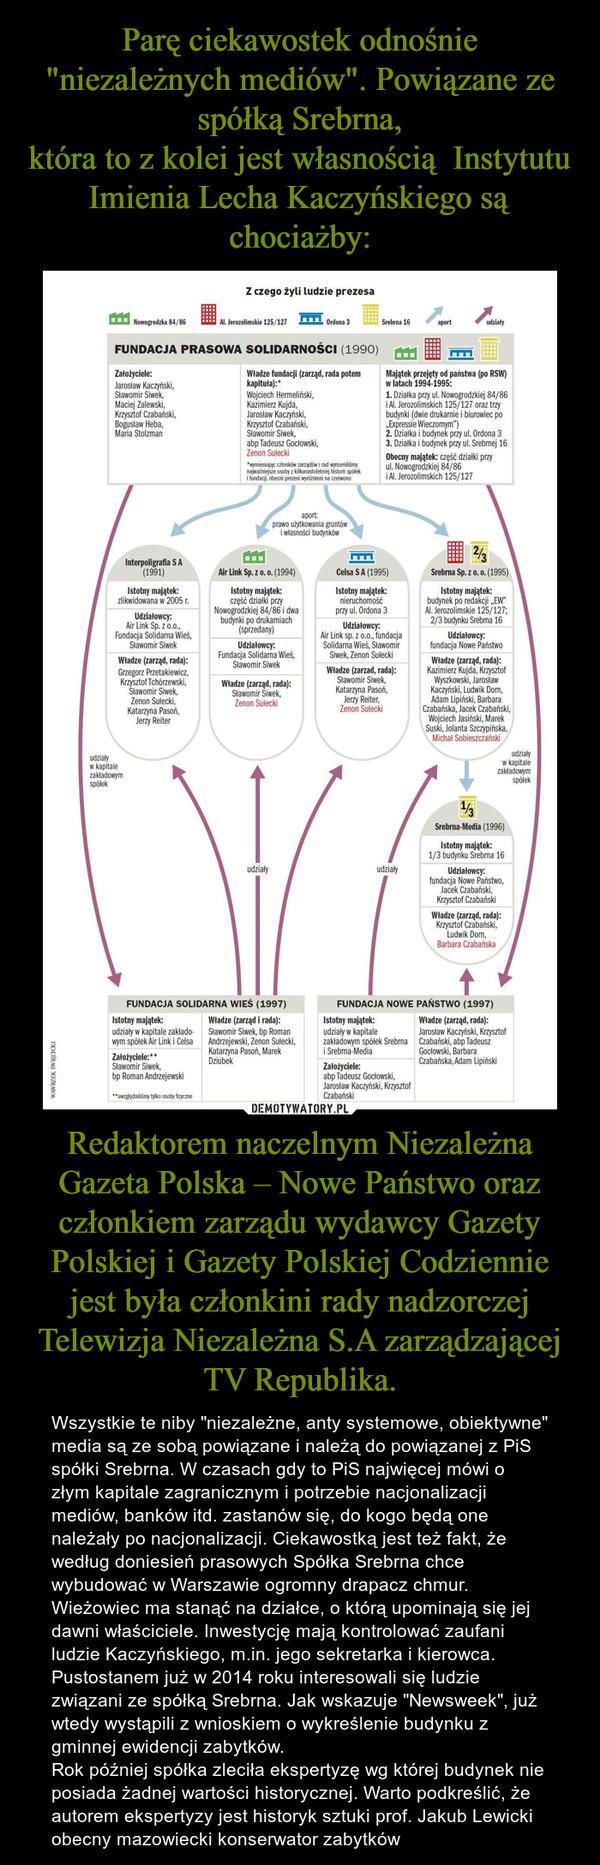 """Redaktorem naczelnym Niezależna Gazeta Polska – Nowe Państwo oraz członkiem zarządu wydawcy Gazety Polskiej i Gazety Polskiej Codziennie jest była członkini rady nadzorczej Telewizja Niezależna S.A zarządzającej TV Republika. – Wszystkie te niby """"niezależne, anty systemowe, obiektywne"""" media są ze sobą powiązane i należą do powiązanej z PiS spółki Srebrna. W czasach gdy to PiS najwięcej mówi o złym kapitale zagranicznym i potrzebie nacjonalizacji mediów, banków itd. zastanów się, do kogo będą one należały po nacjonalizacji. Ciekawostką jest też fakt, że według doniesień prasowych Spółka Srebrna chce wybudować w Warszawie ogromny drapacz chmur. Wieżowiec ma stanąć na działce, o którą upominają się jej dawni właściciele. Inwestycję mają kontrolować zaufani ludzie Kaczyńskiego, m.in. jego sekretarka i kierowca.  Pustostanem już w 2014 roku interesowali się ludzie związani ze spółką Srebrna. Jak wskazuje """"Newsweek"""", już wtedy wystąpili z wnioskiem o wykreślenie budynku z gminnej ewidencji zabytków.Rok później spółka zleciła ekspertyzę wg której budynek nie posiada żadnej wartości historycznej. Warto podkreślić, że autorem ekspertyzy jest historyk sztuki prof. Jakub Lewicki obecny mazowiecki konserwator zabytków"""